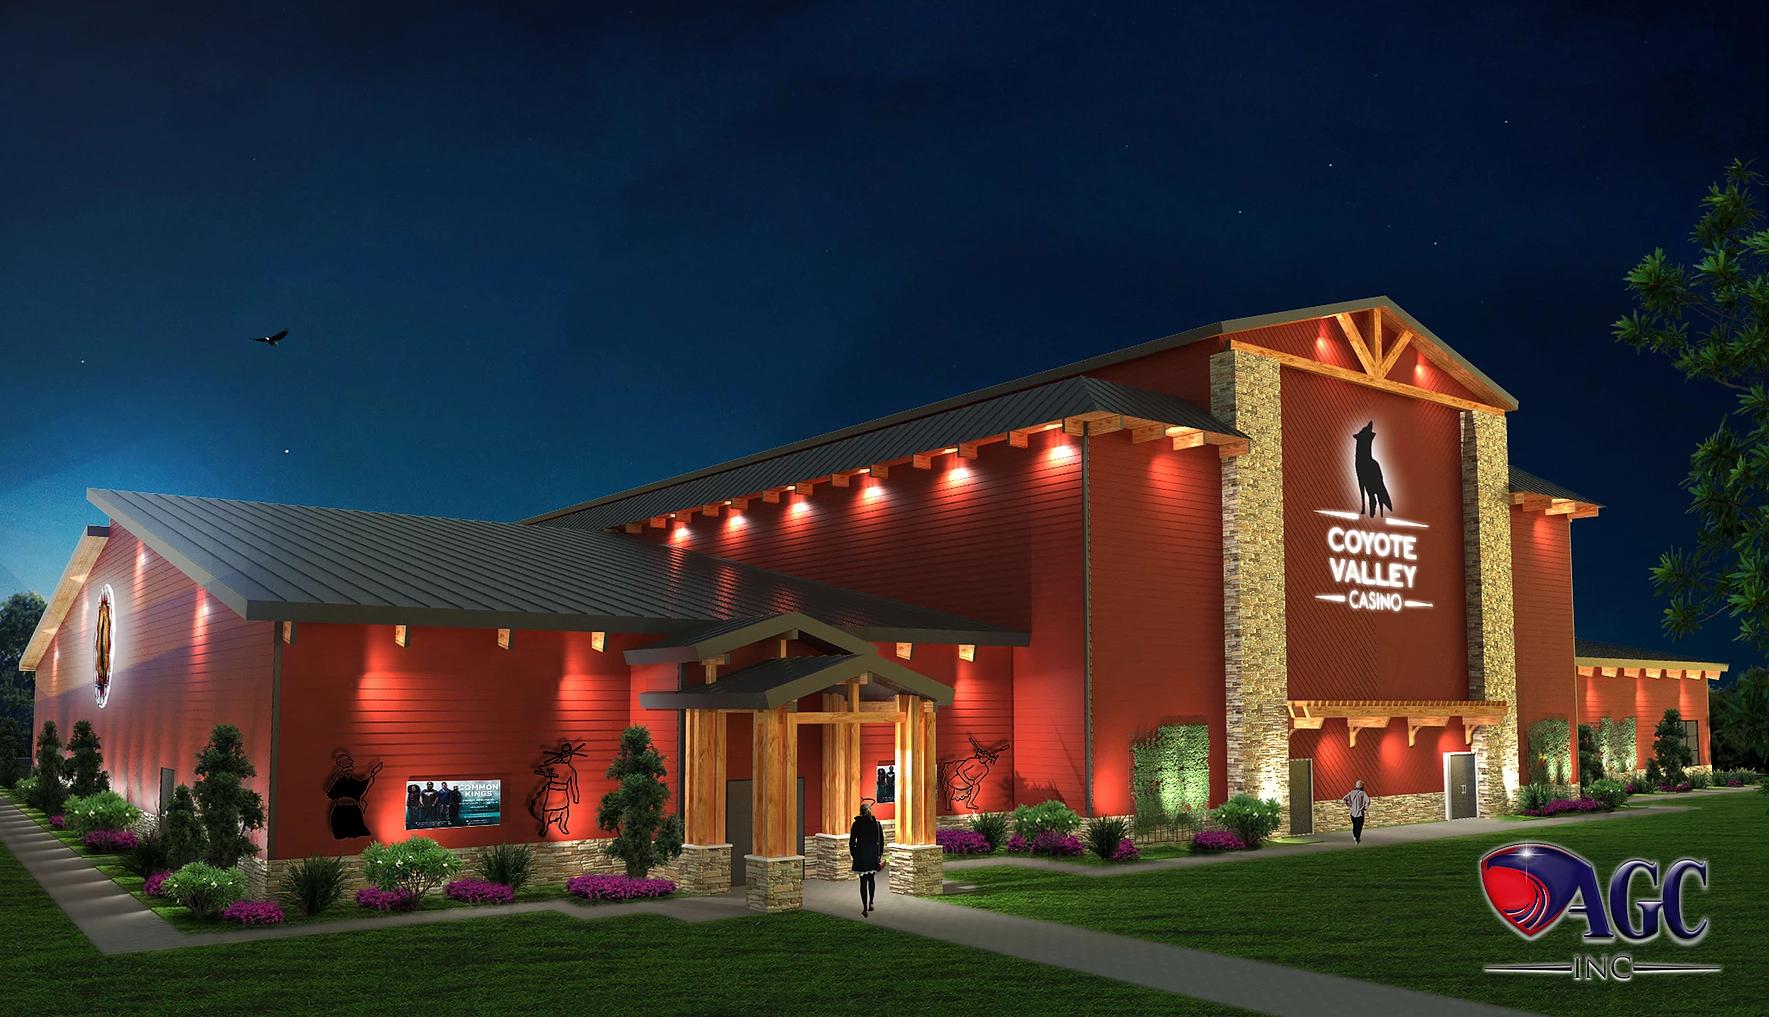 Coyote Casino